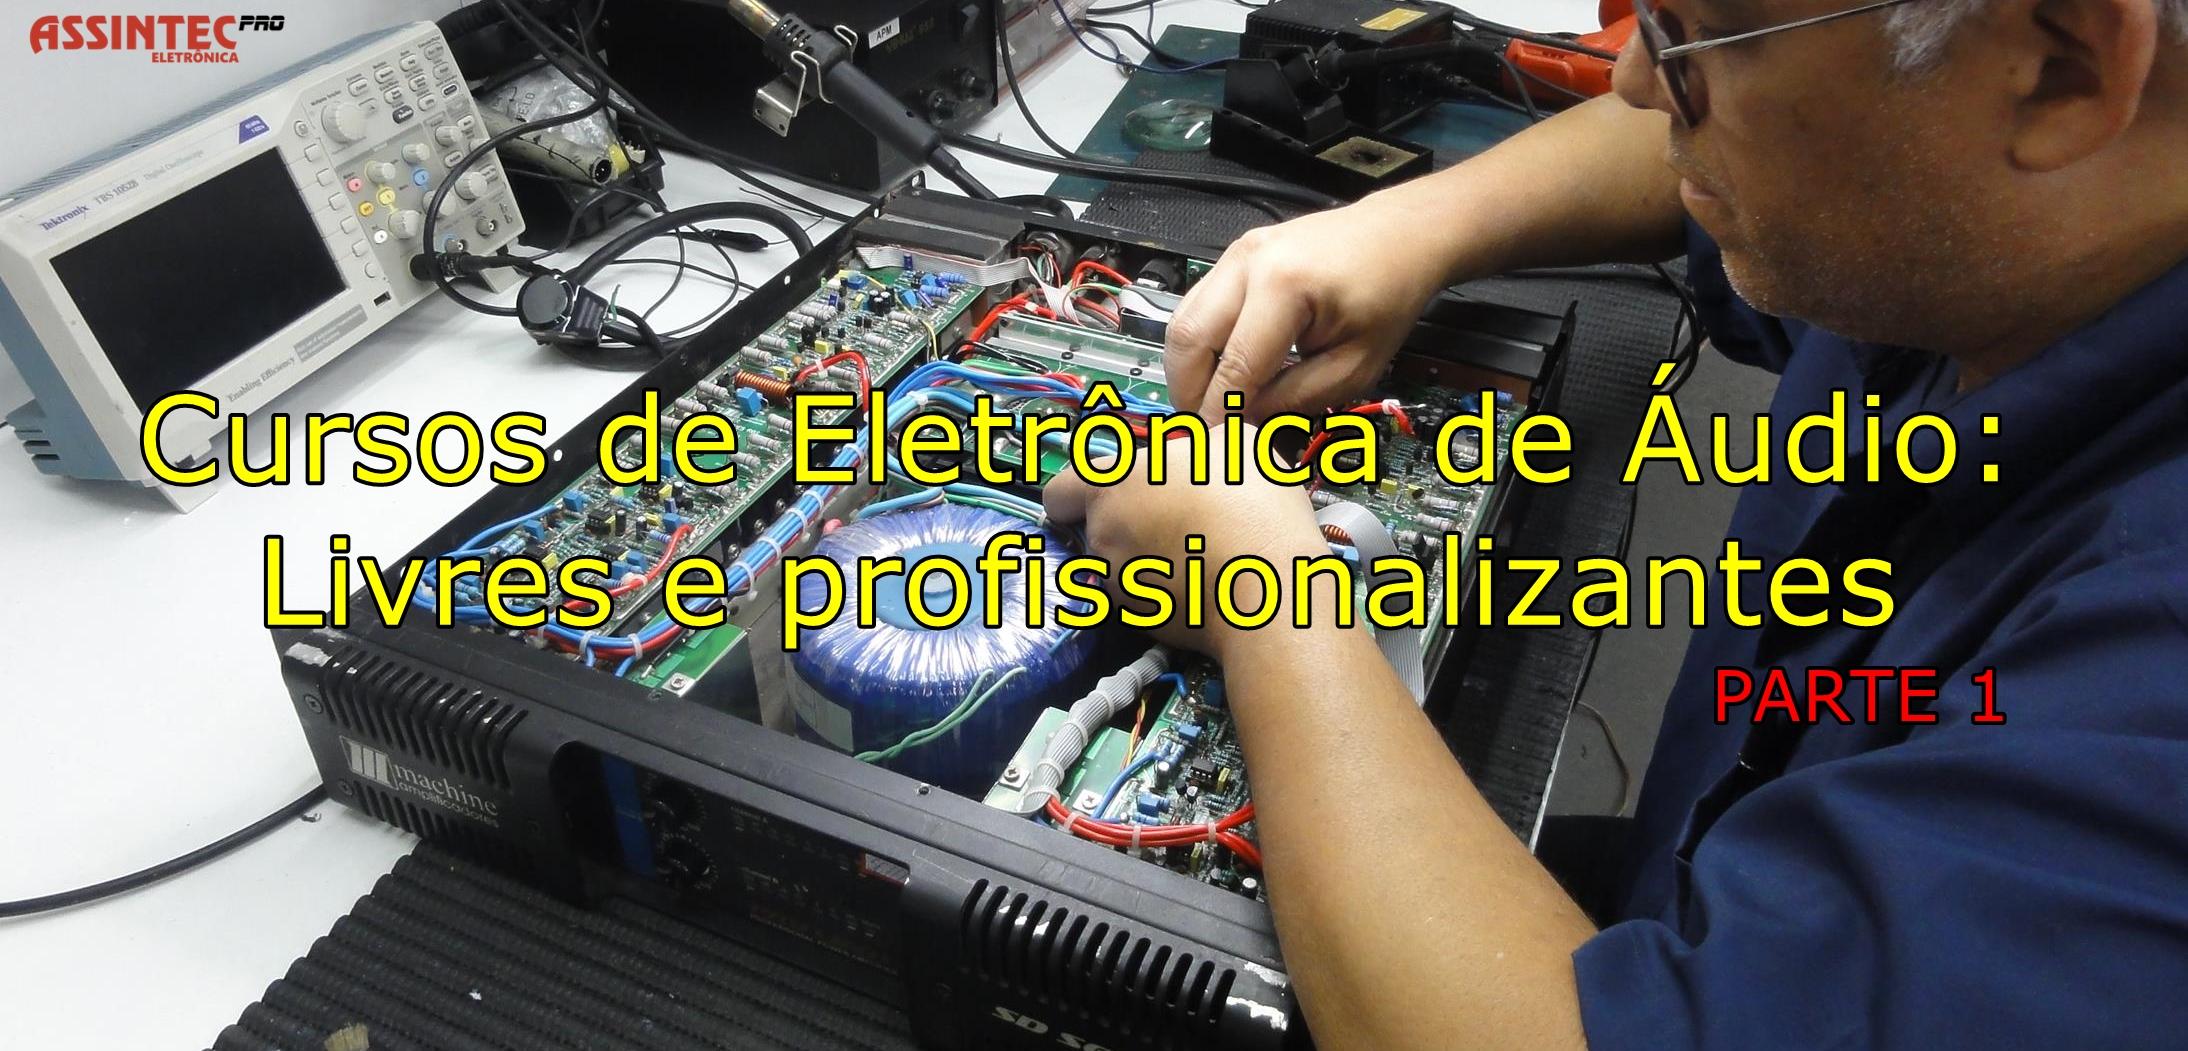 Cursos de Eletrônica de Áudio Livres e profissionalizantes